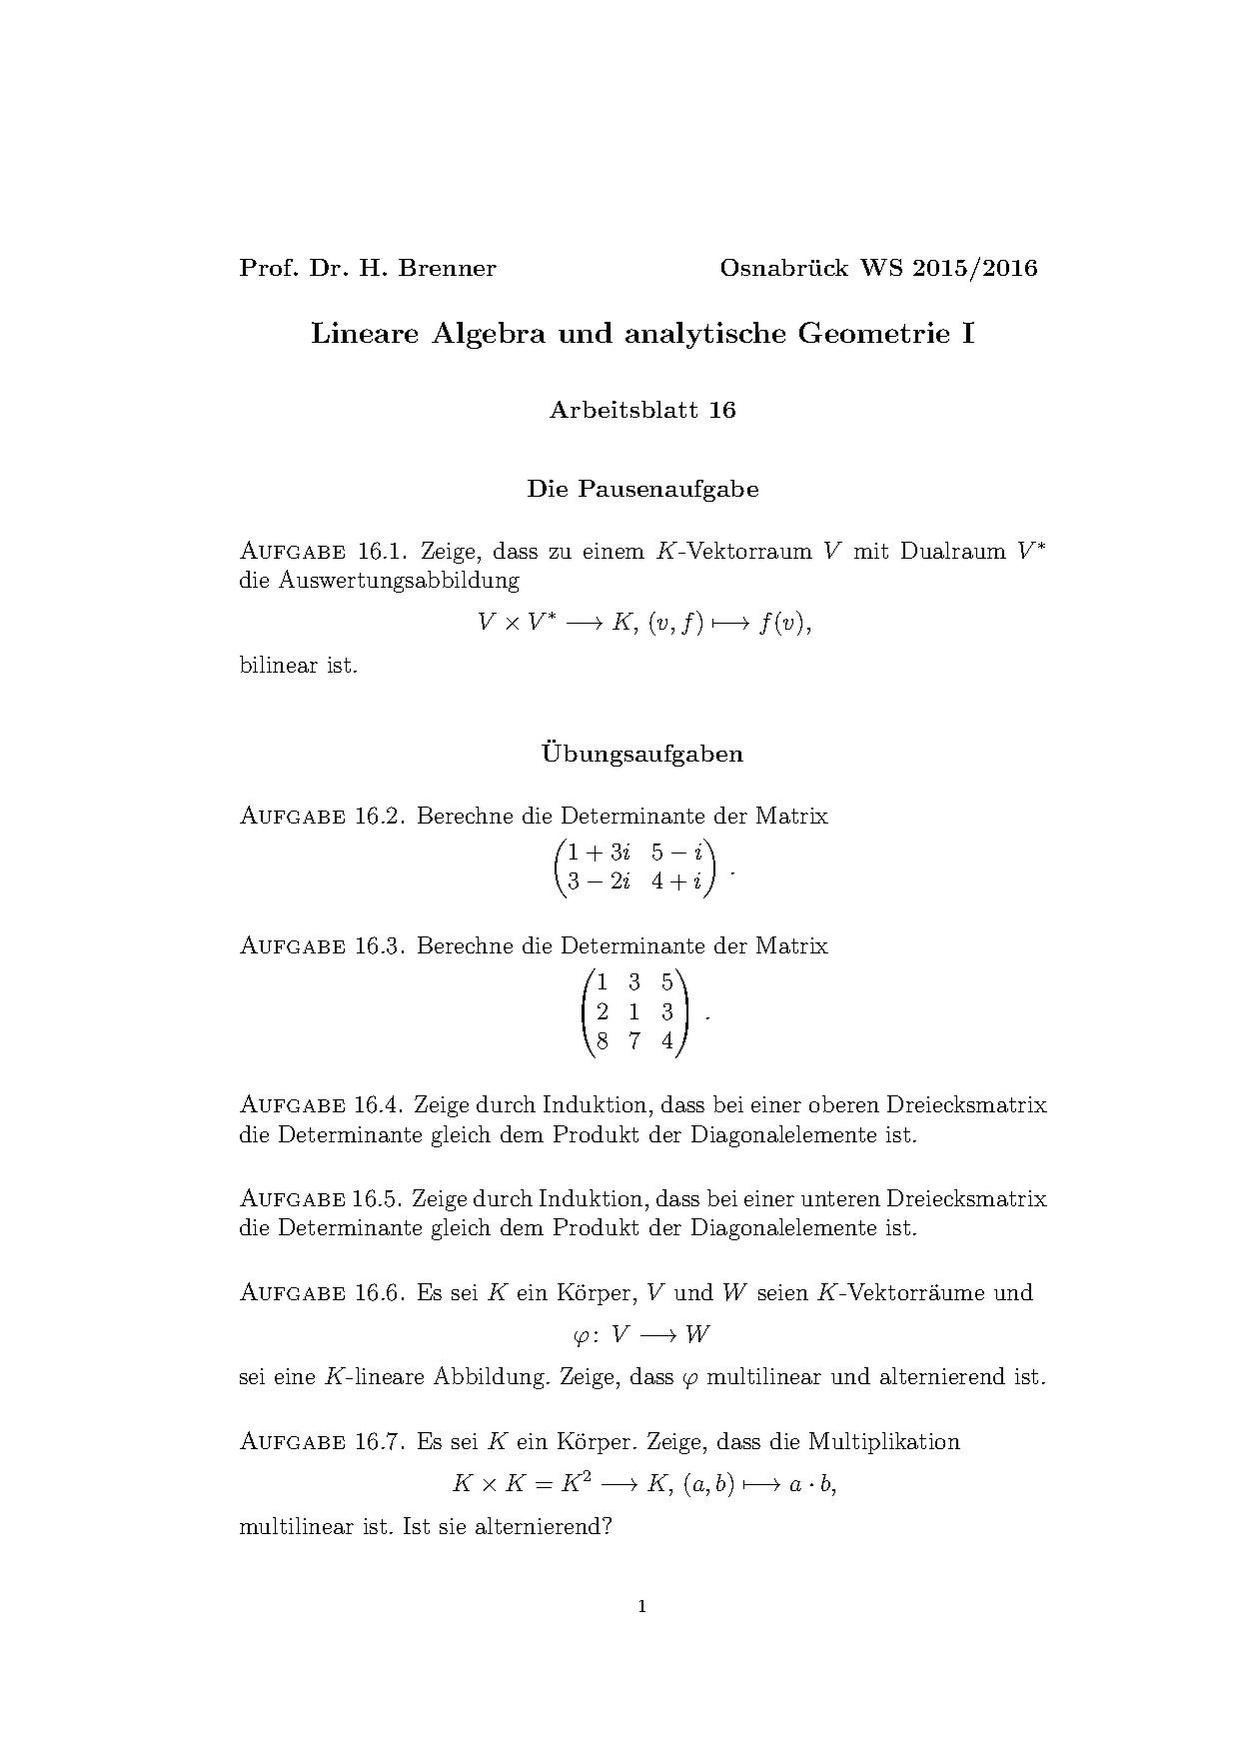 File:Lineare Algebra (Osnabrück 2015-2016)Teil IArbeitsblatt16.pdf ...